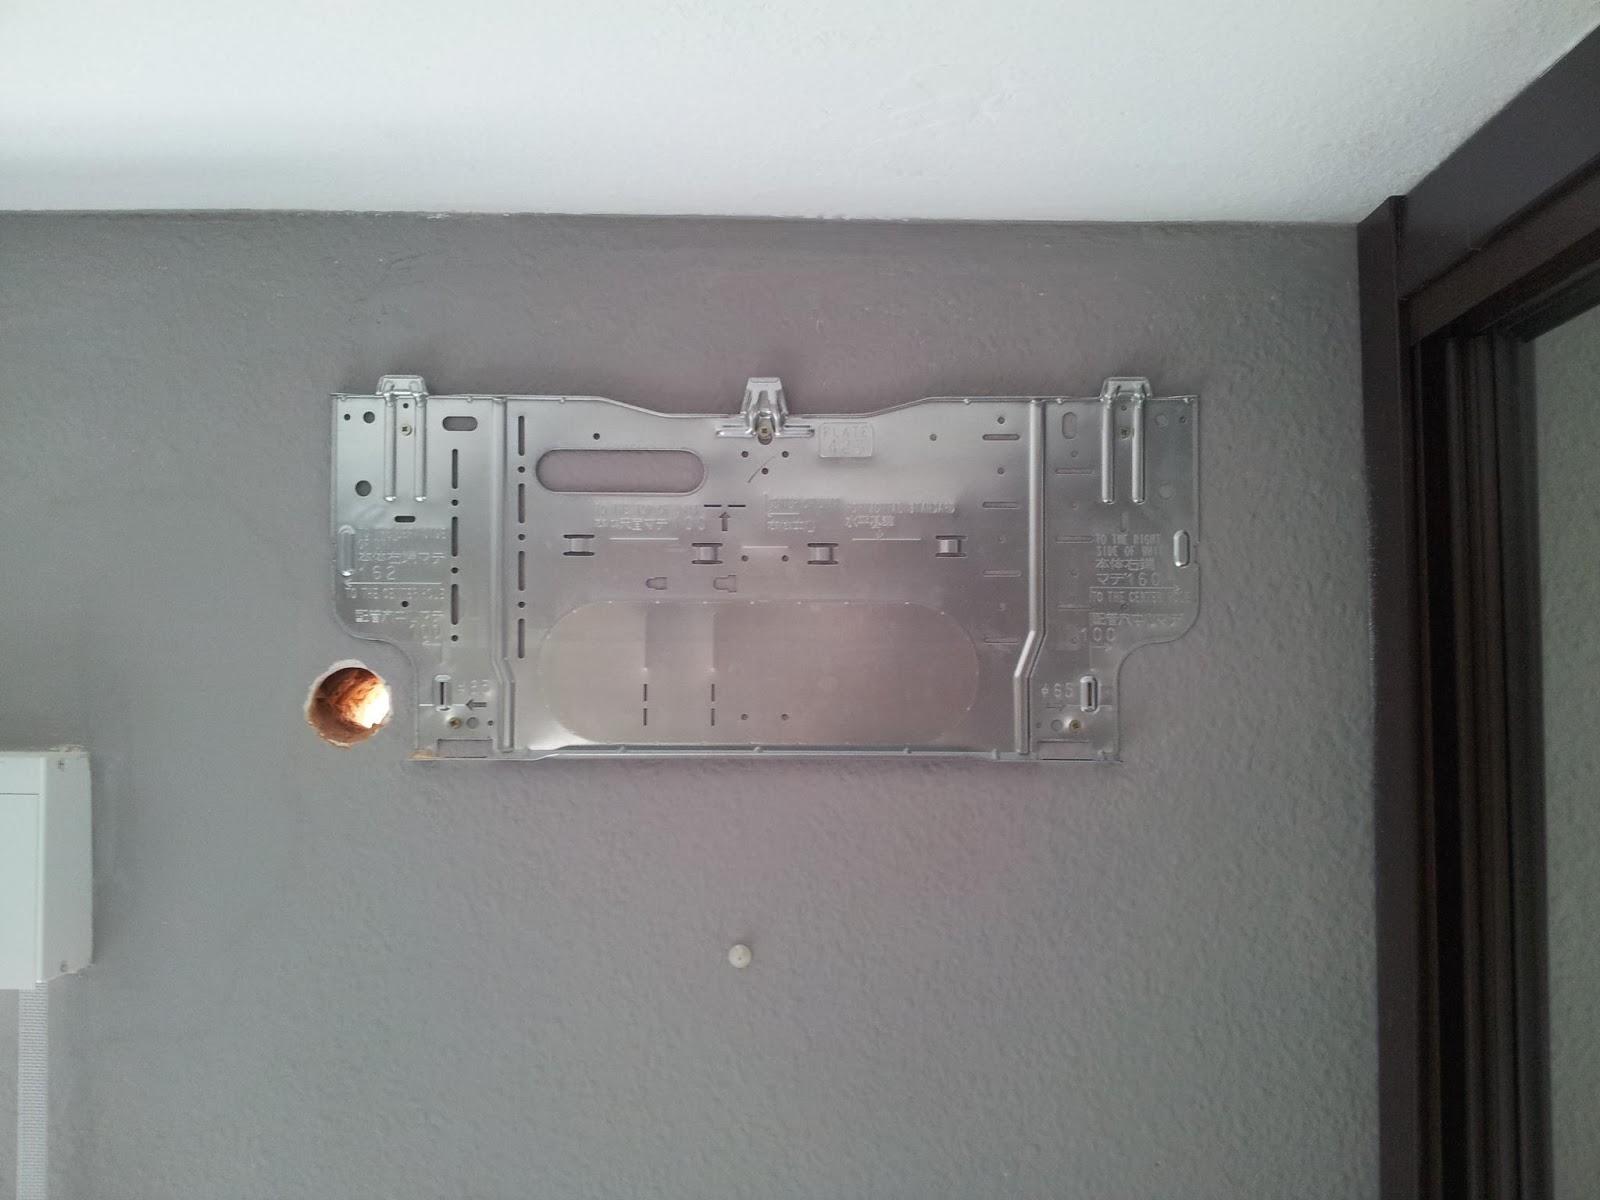 Preguntas frecuentes aire acondicionado instalaci n for Salida aire acondicionado